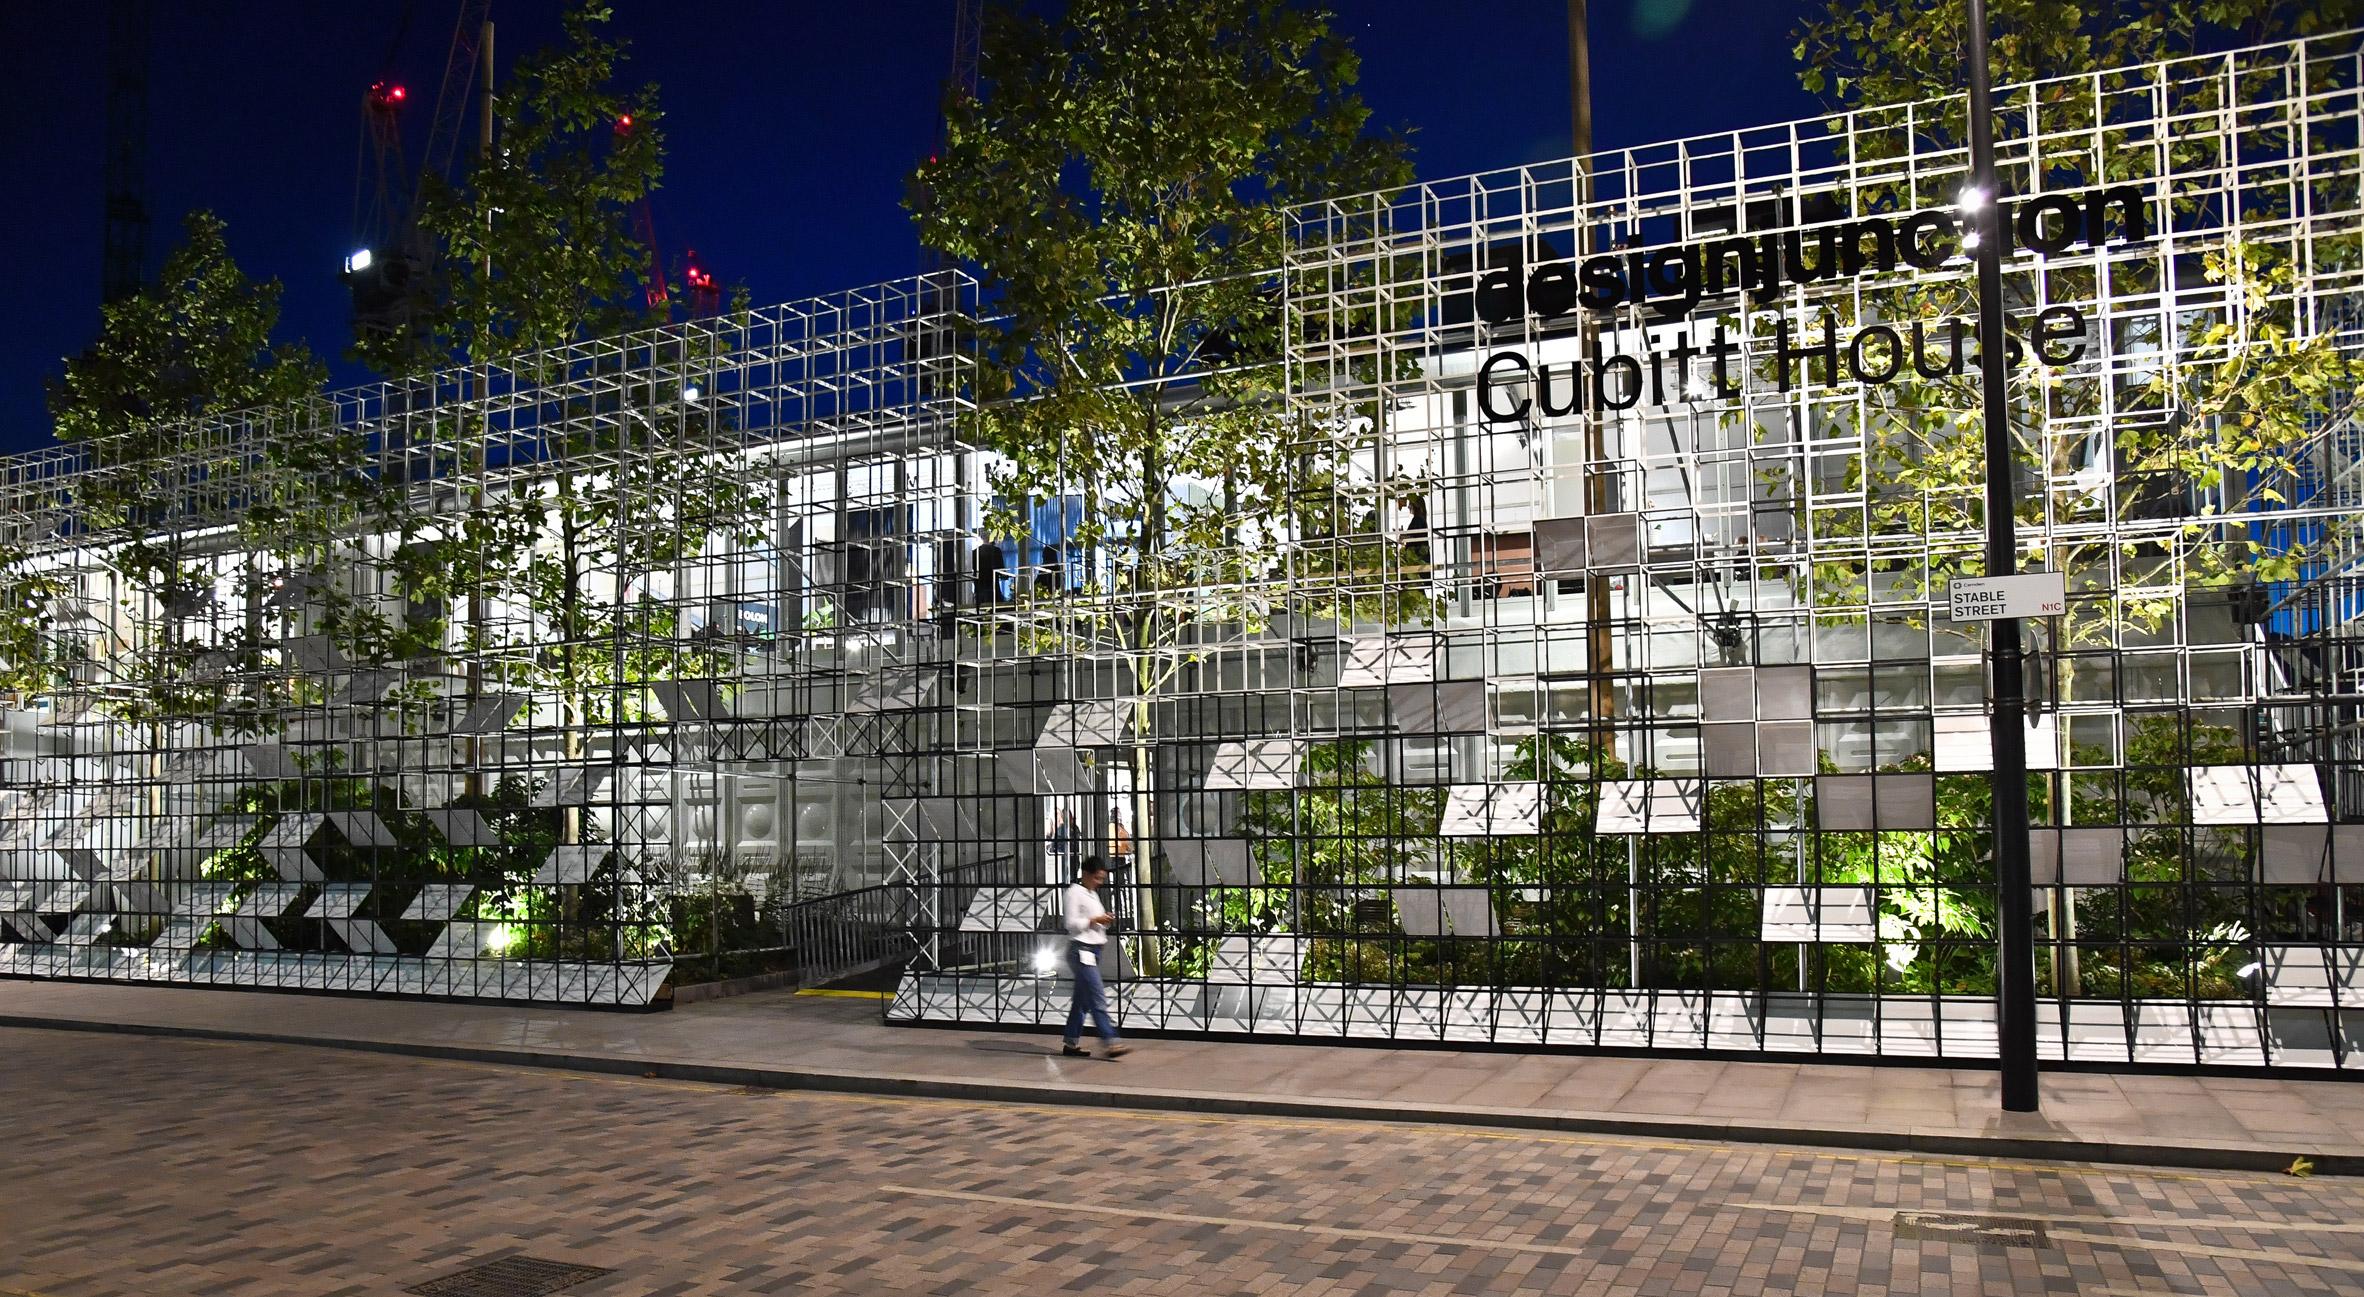 Designjunction to return to Kings Cross for London Design Festival 2017